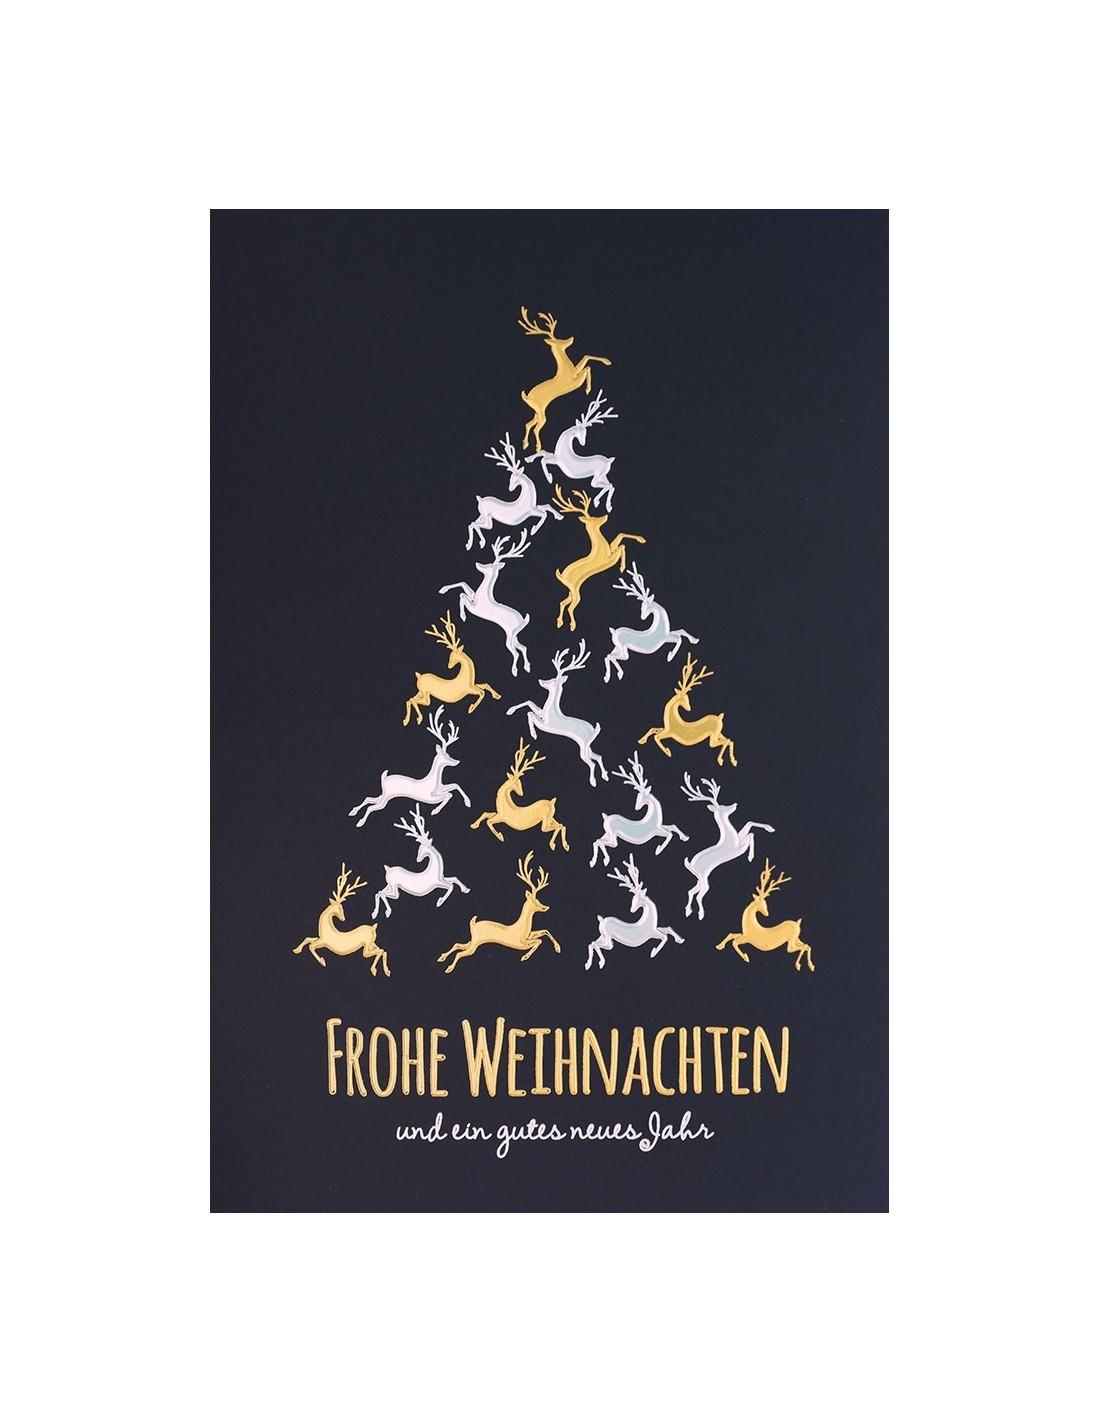 Weihnachtskarten Spende.Weihnachtskarte Ohne Spende